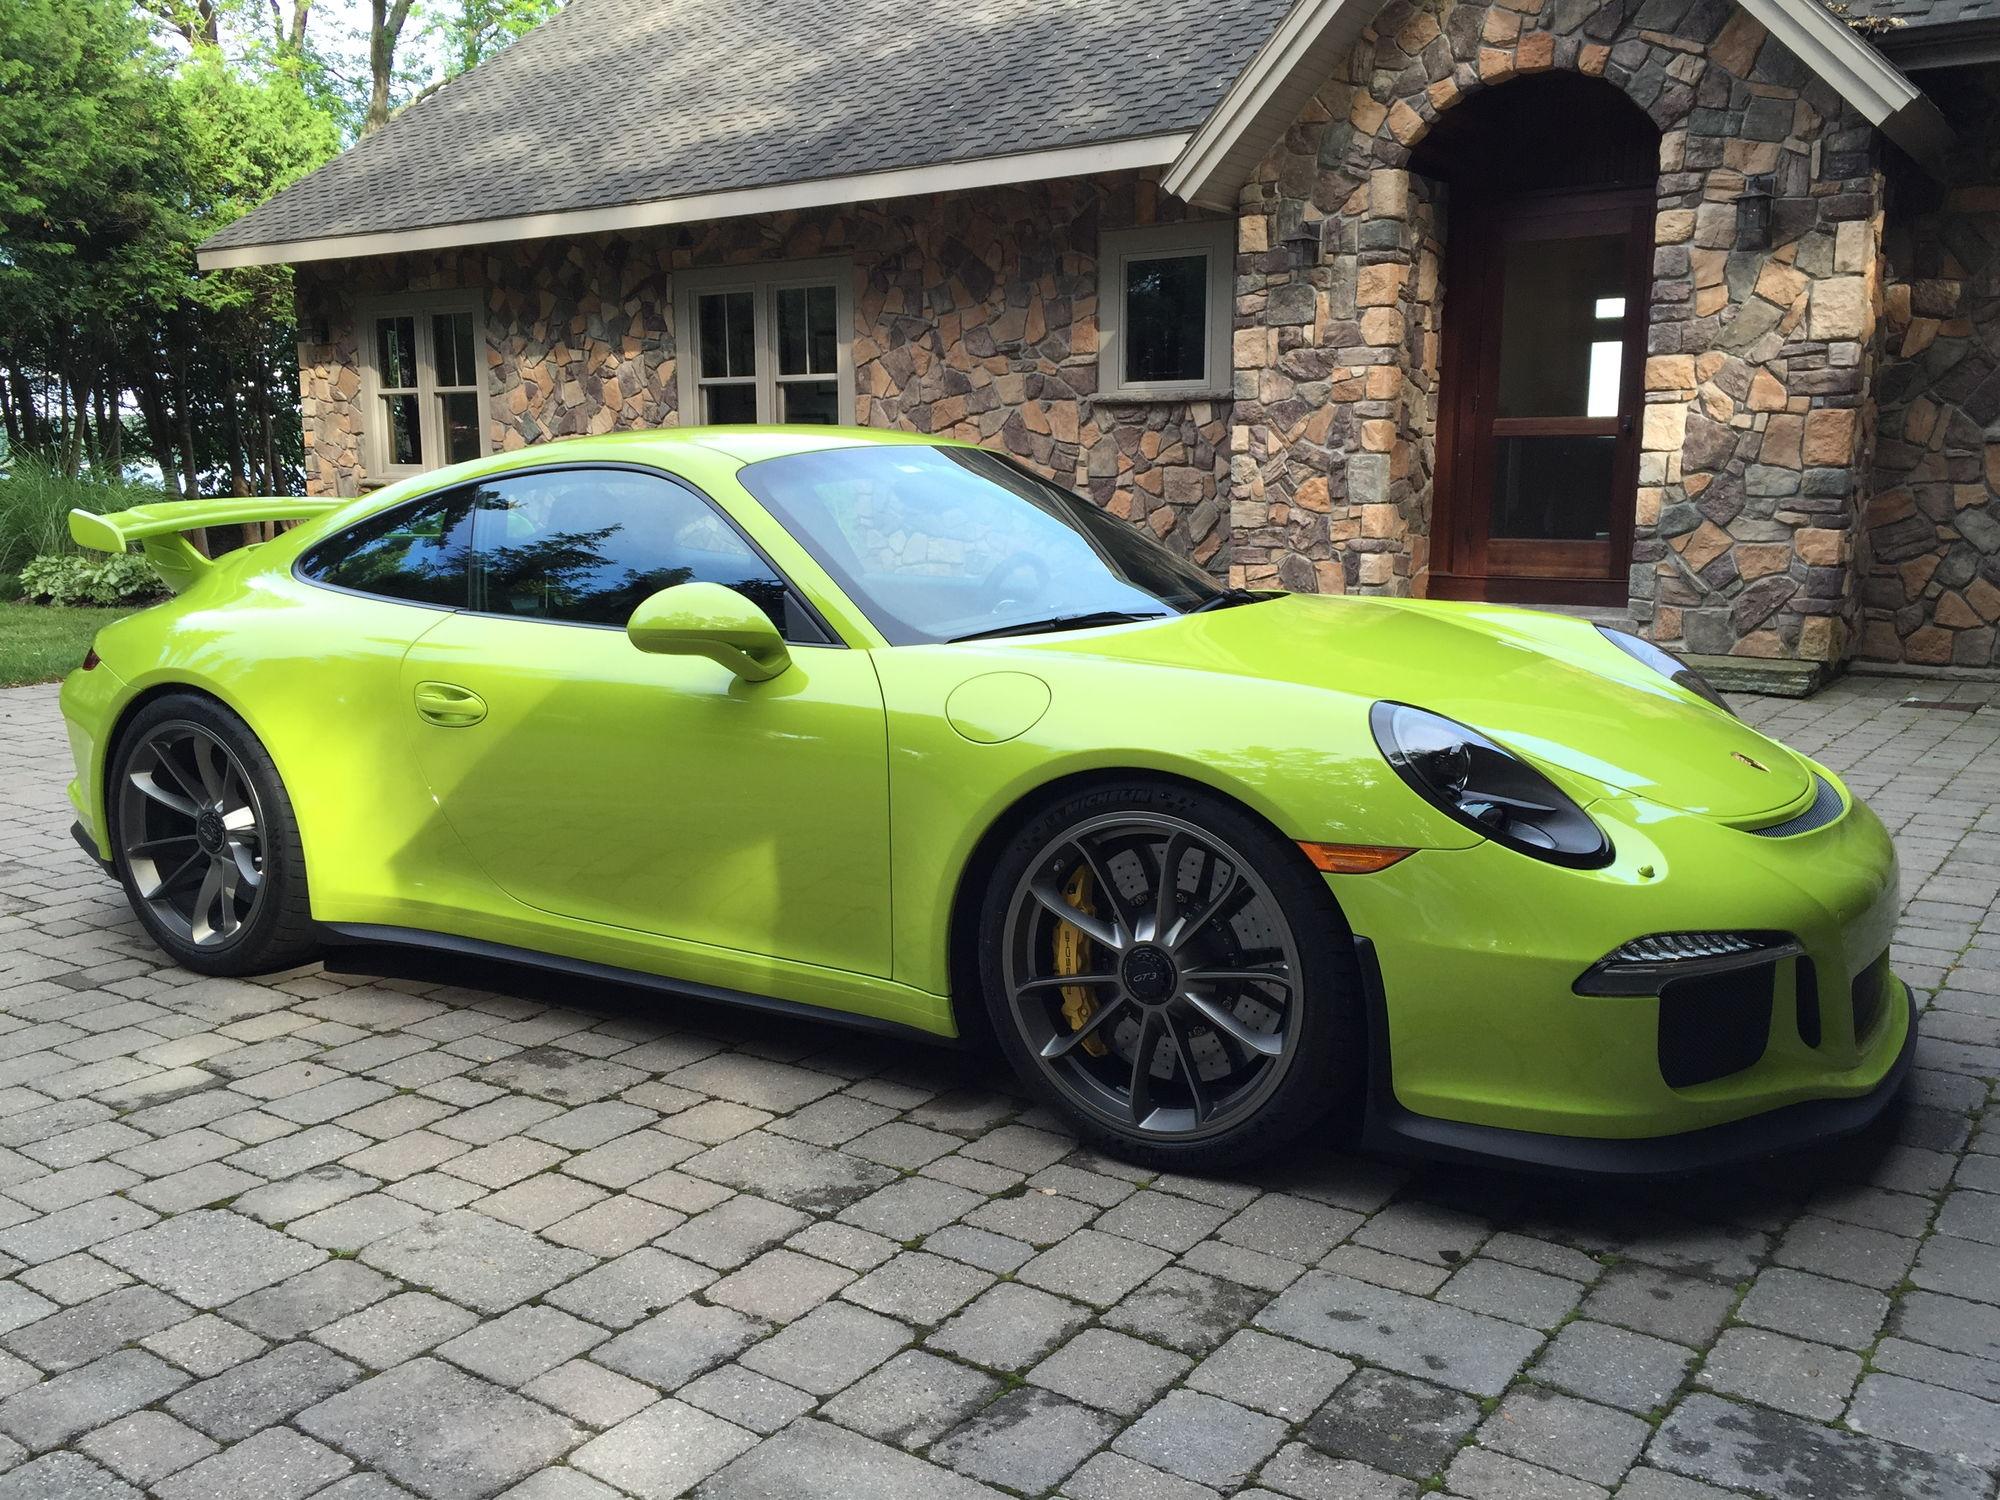 2015 Gt3 Birch Green Lwb Pccb Lift Rennlist Porsche